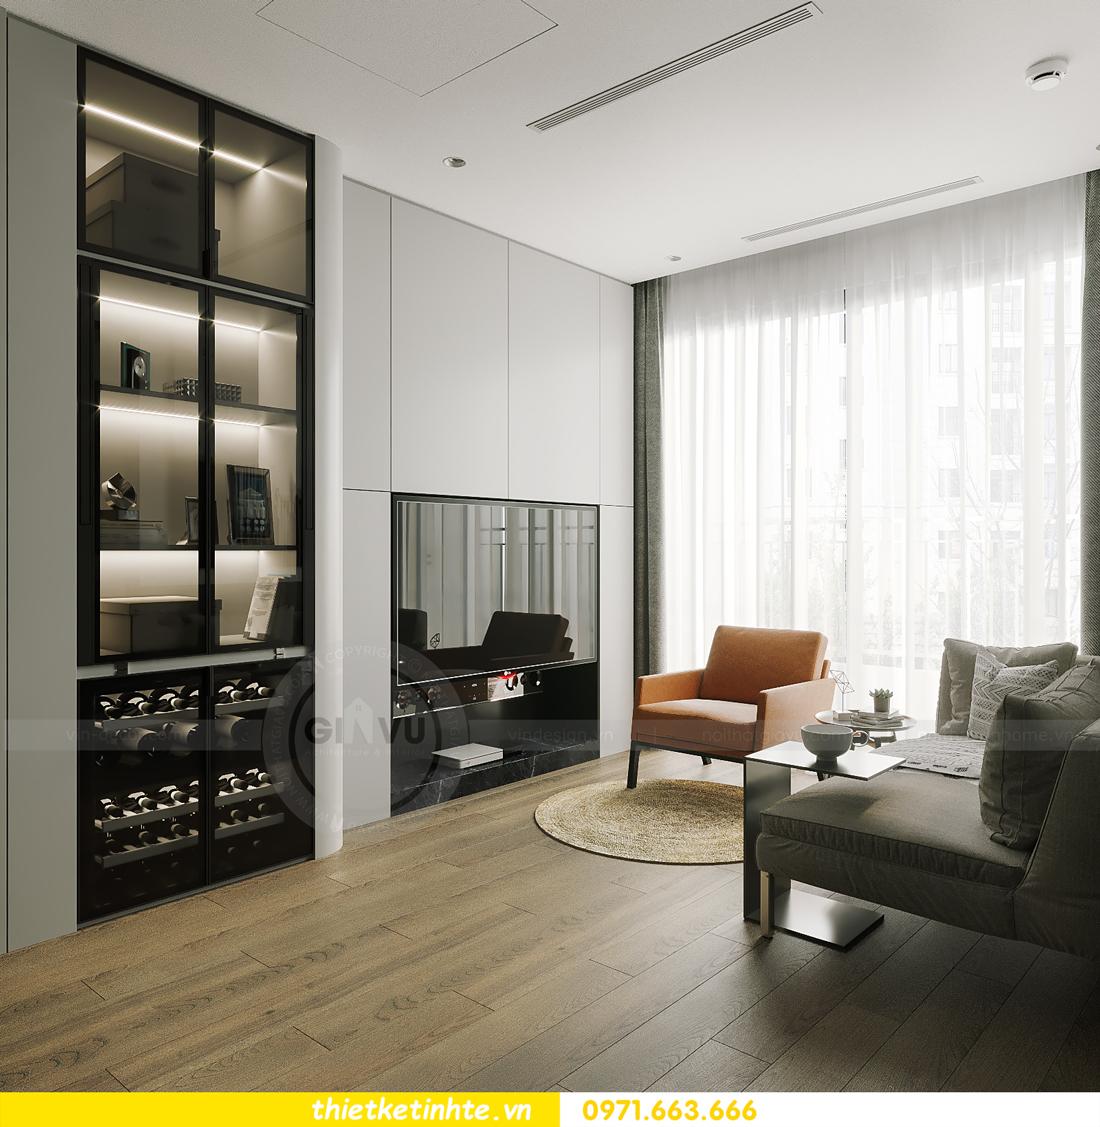 thiết kế nội thất căn hộ 1PN + 1 tại Vinhomes Smart City 3